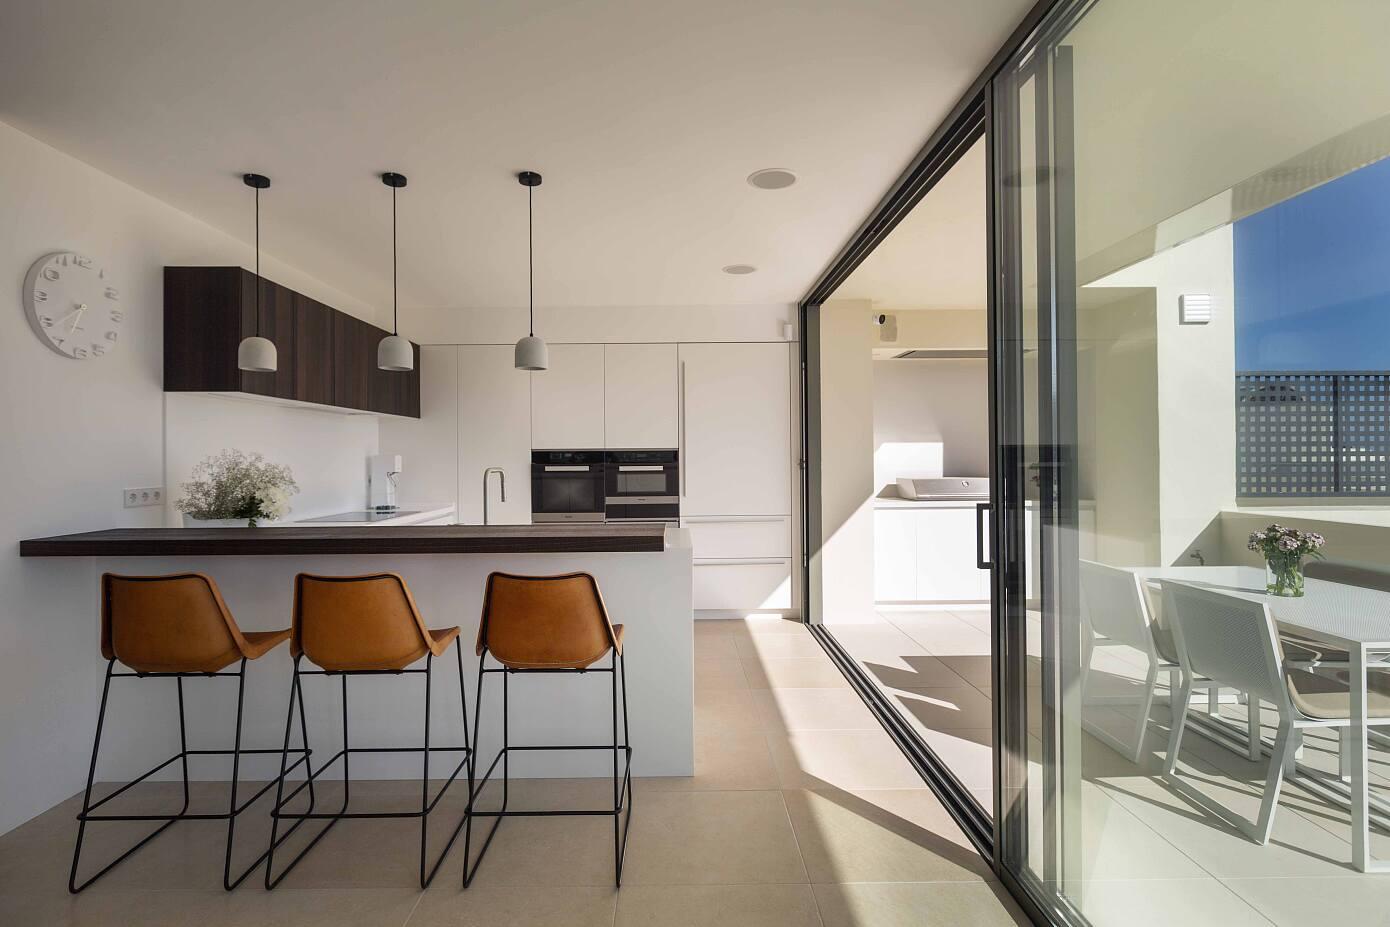 Los Flamingos Penthouse by Alejandro Gimenez Architects